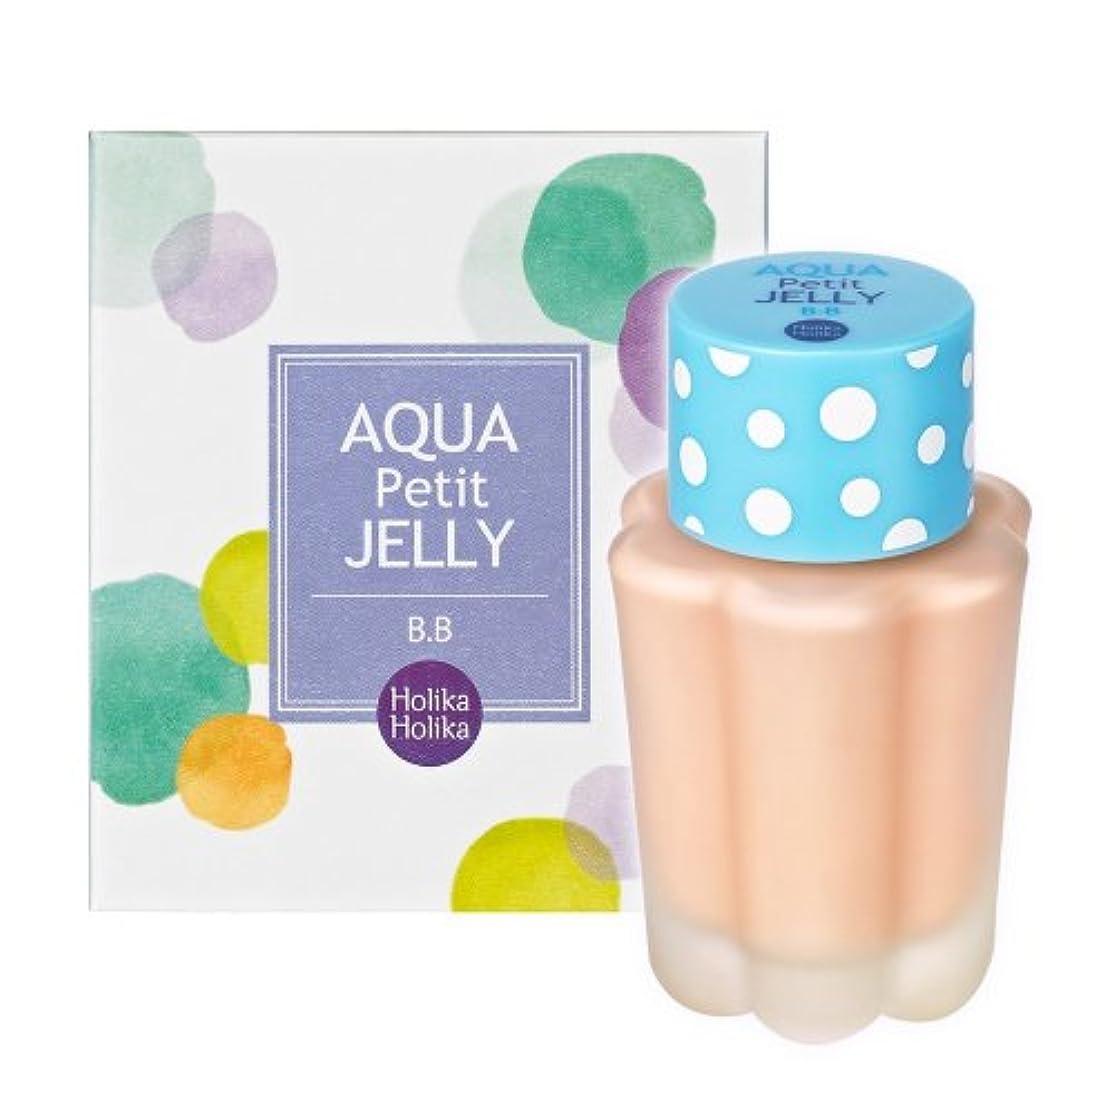 ファイアル毎回誓うHolika Holika ホリカホリカ アクア?プチ?ゼリー?ビービー?クリーム 40ml #2 (Aqua Petit jelly BB Cream) 海外直送品